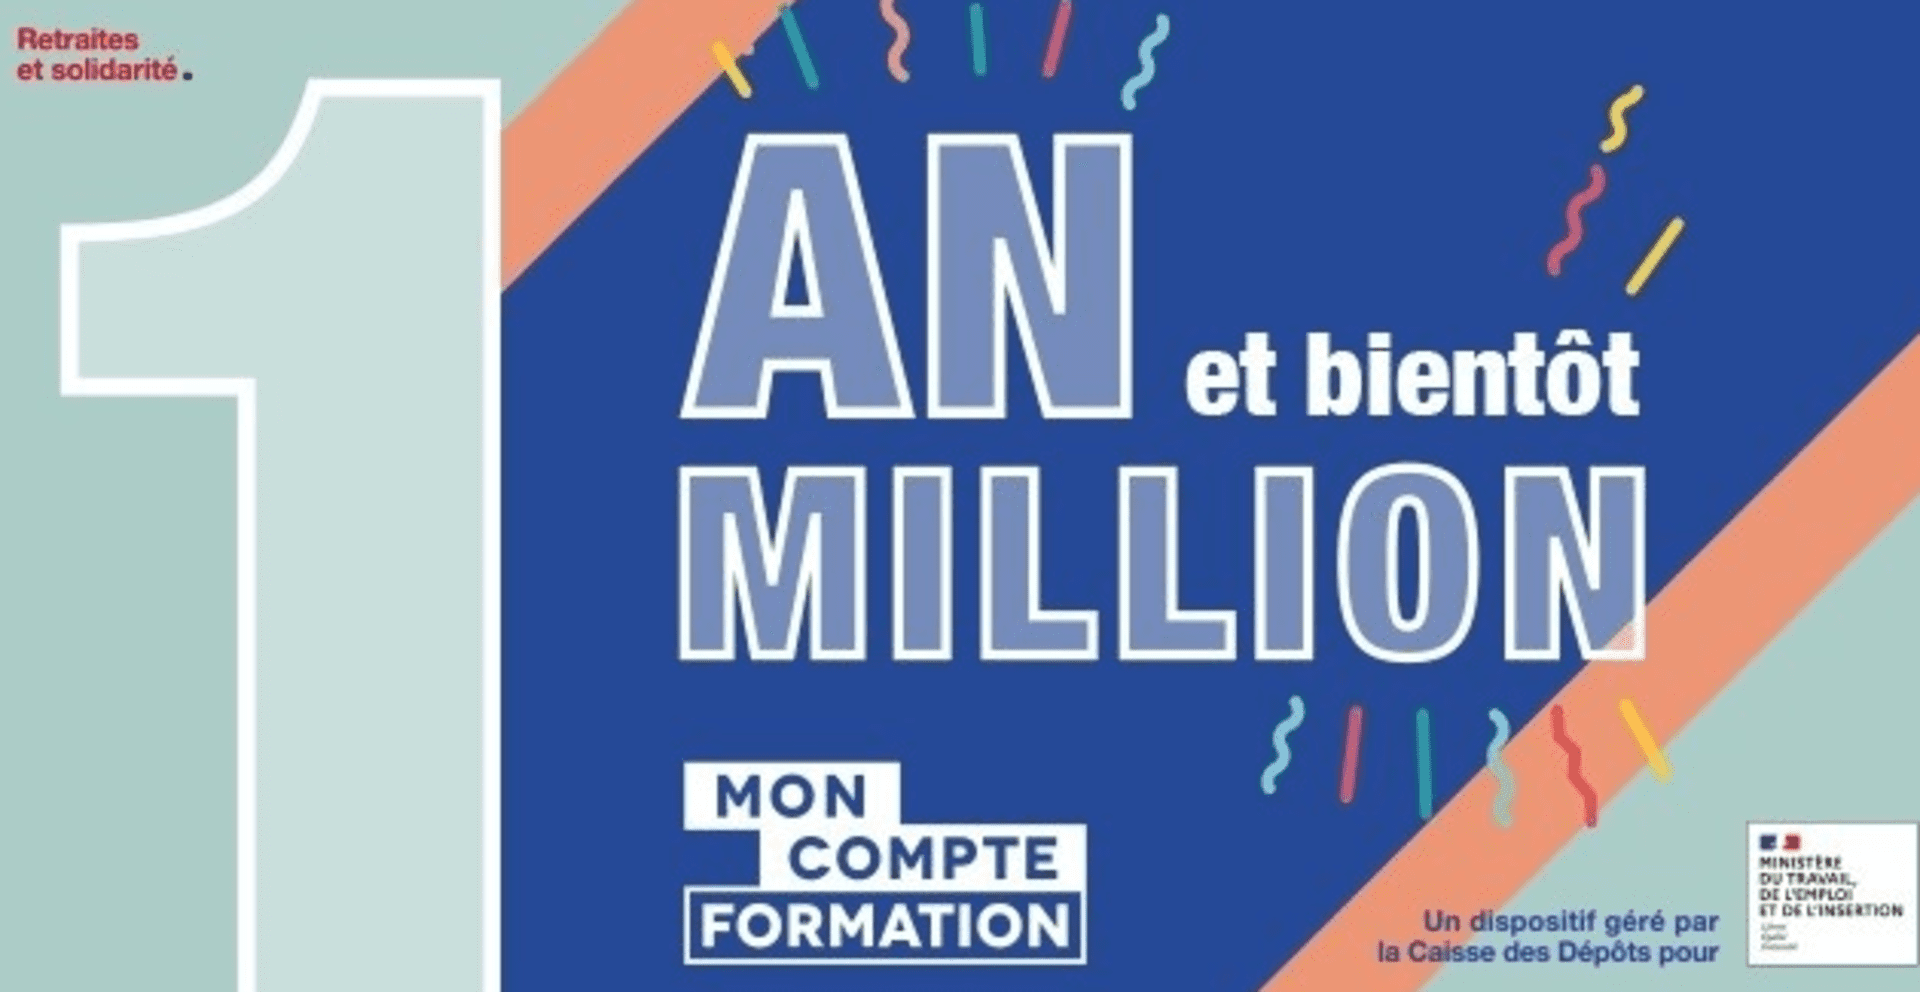 1 MILLION DE FORMATIONS FINANCÉES PAR MON COMPTE FORMATION EN 1 AN